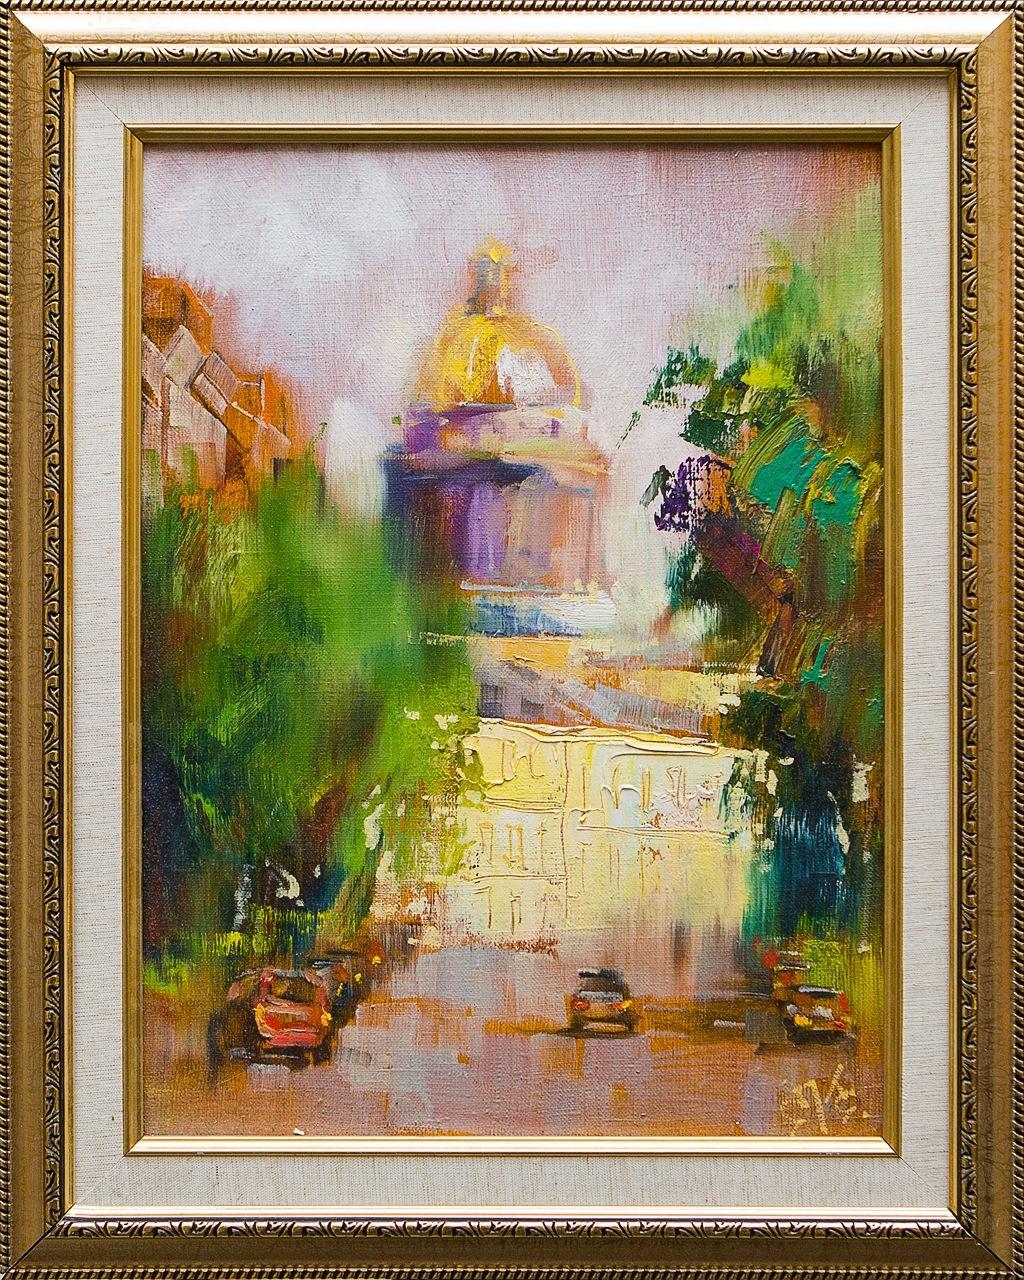 Картина маслом Исаакиевский собор Сухоплюев картина маслом исаакиевский собор с крыши сухоплюев